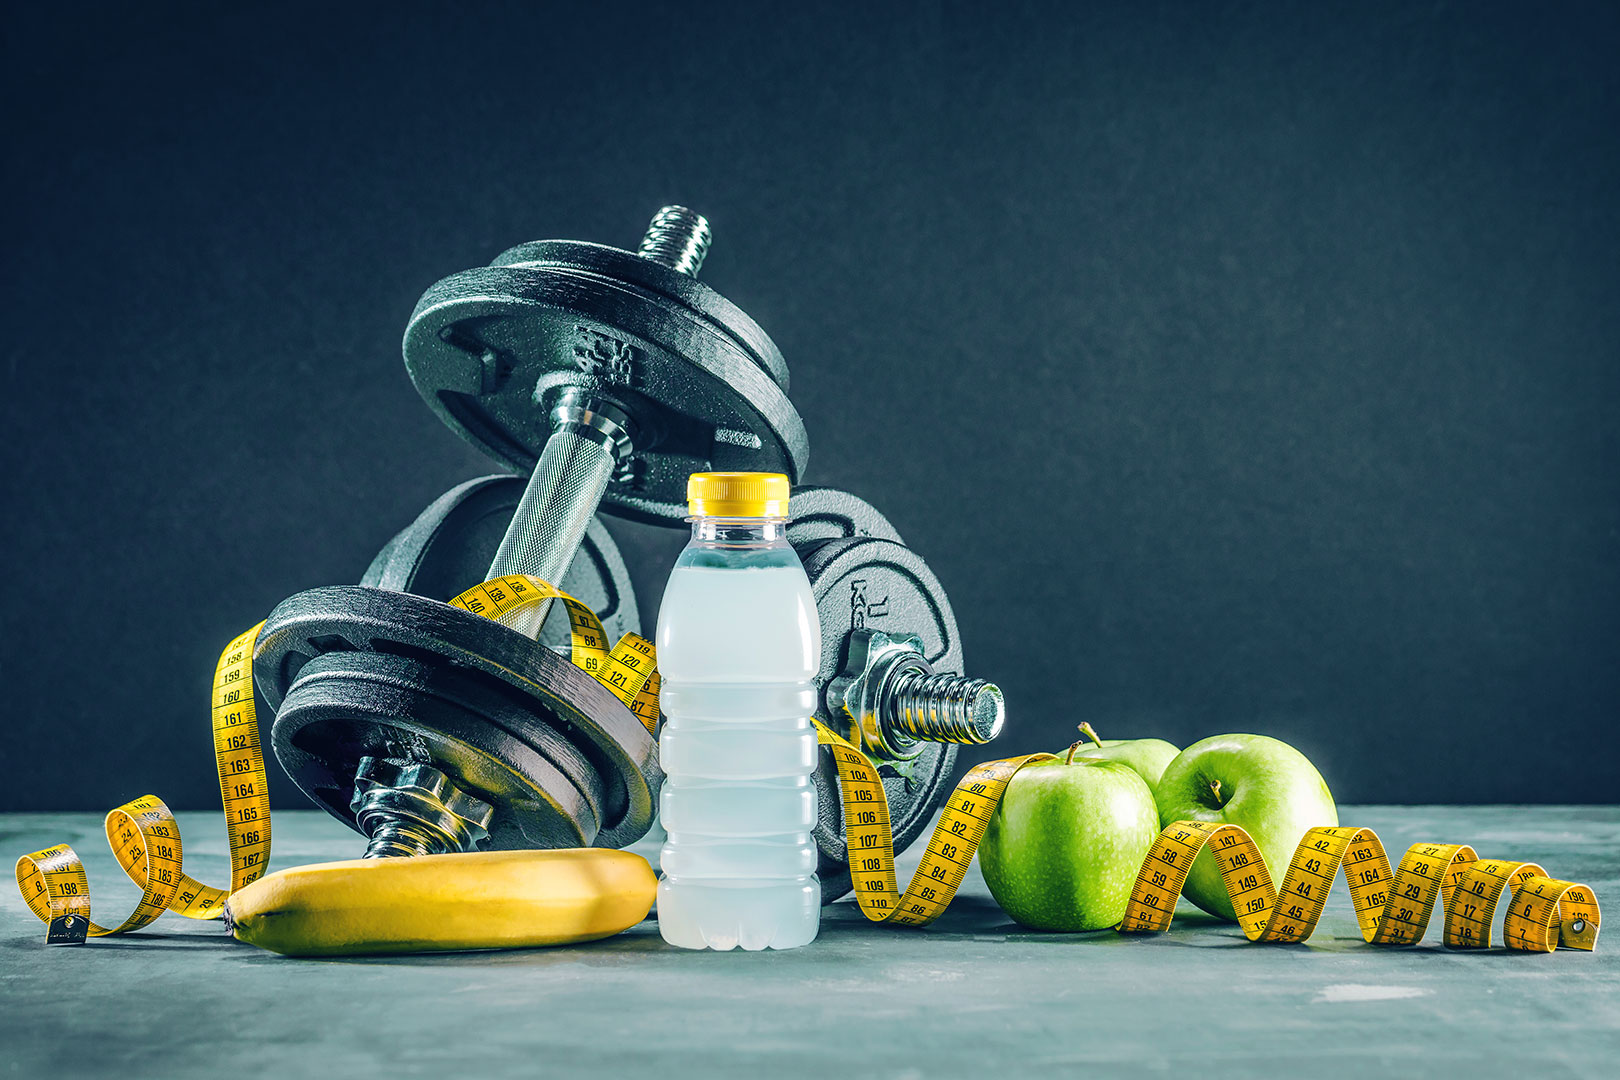 A sárgarépaléből a szervezet jobban fel tudja venni a B-karotint, mint magából a zöldségből. Napi 1-1,5 dl répalé fogyasztása fedezi a B-karotin szükségletet, melyből a májban és a bélfalban karotináz enzim hatására A-vitamin képződik.